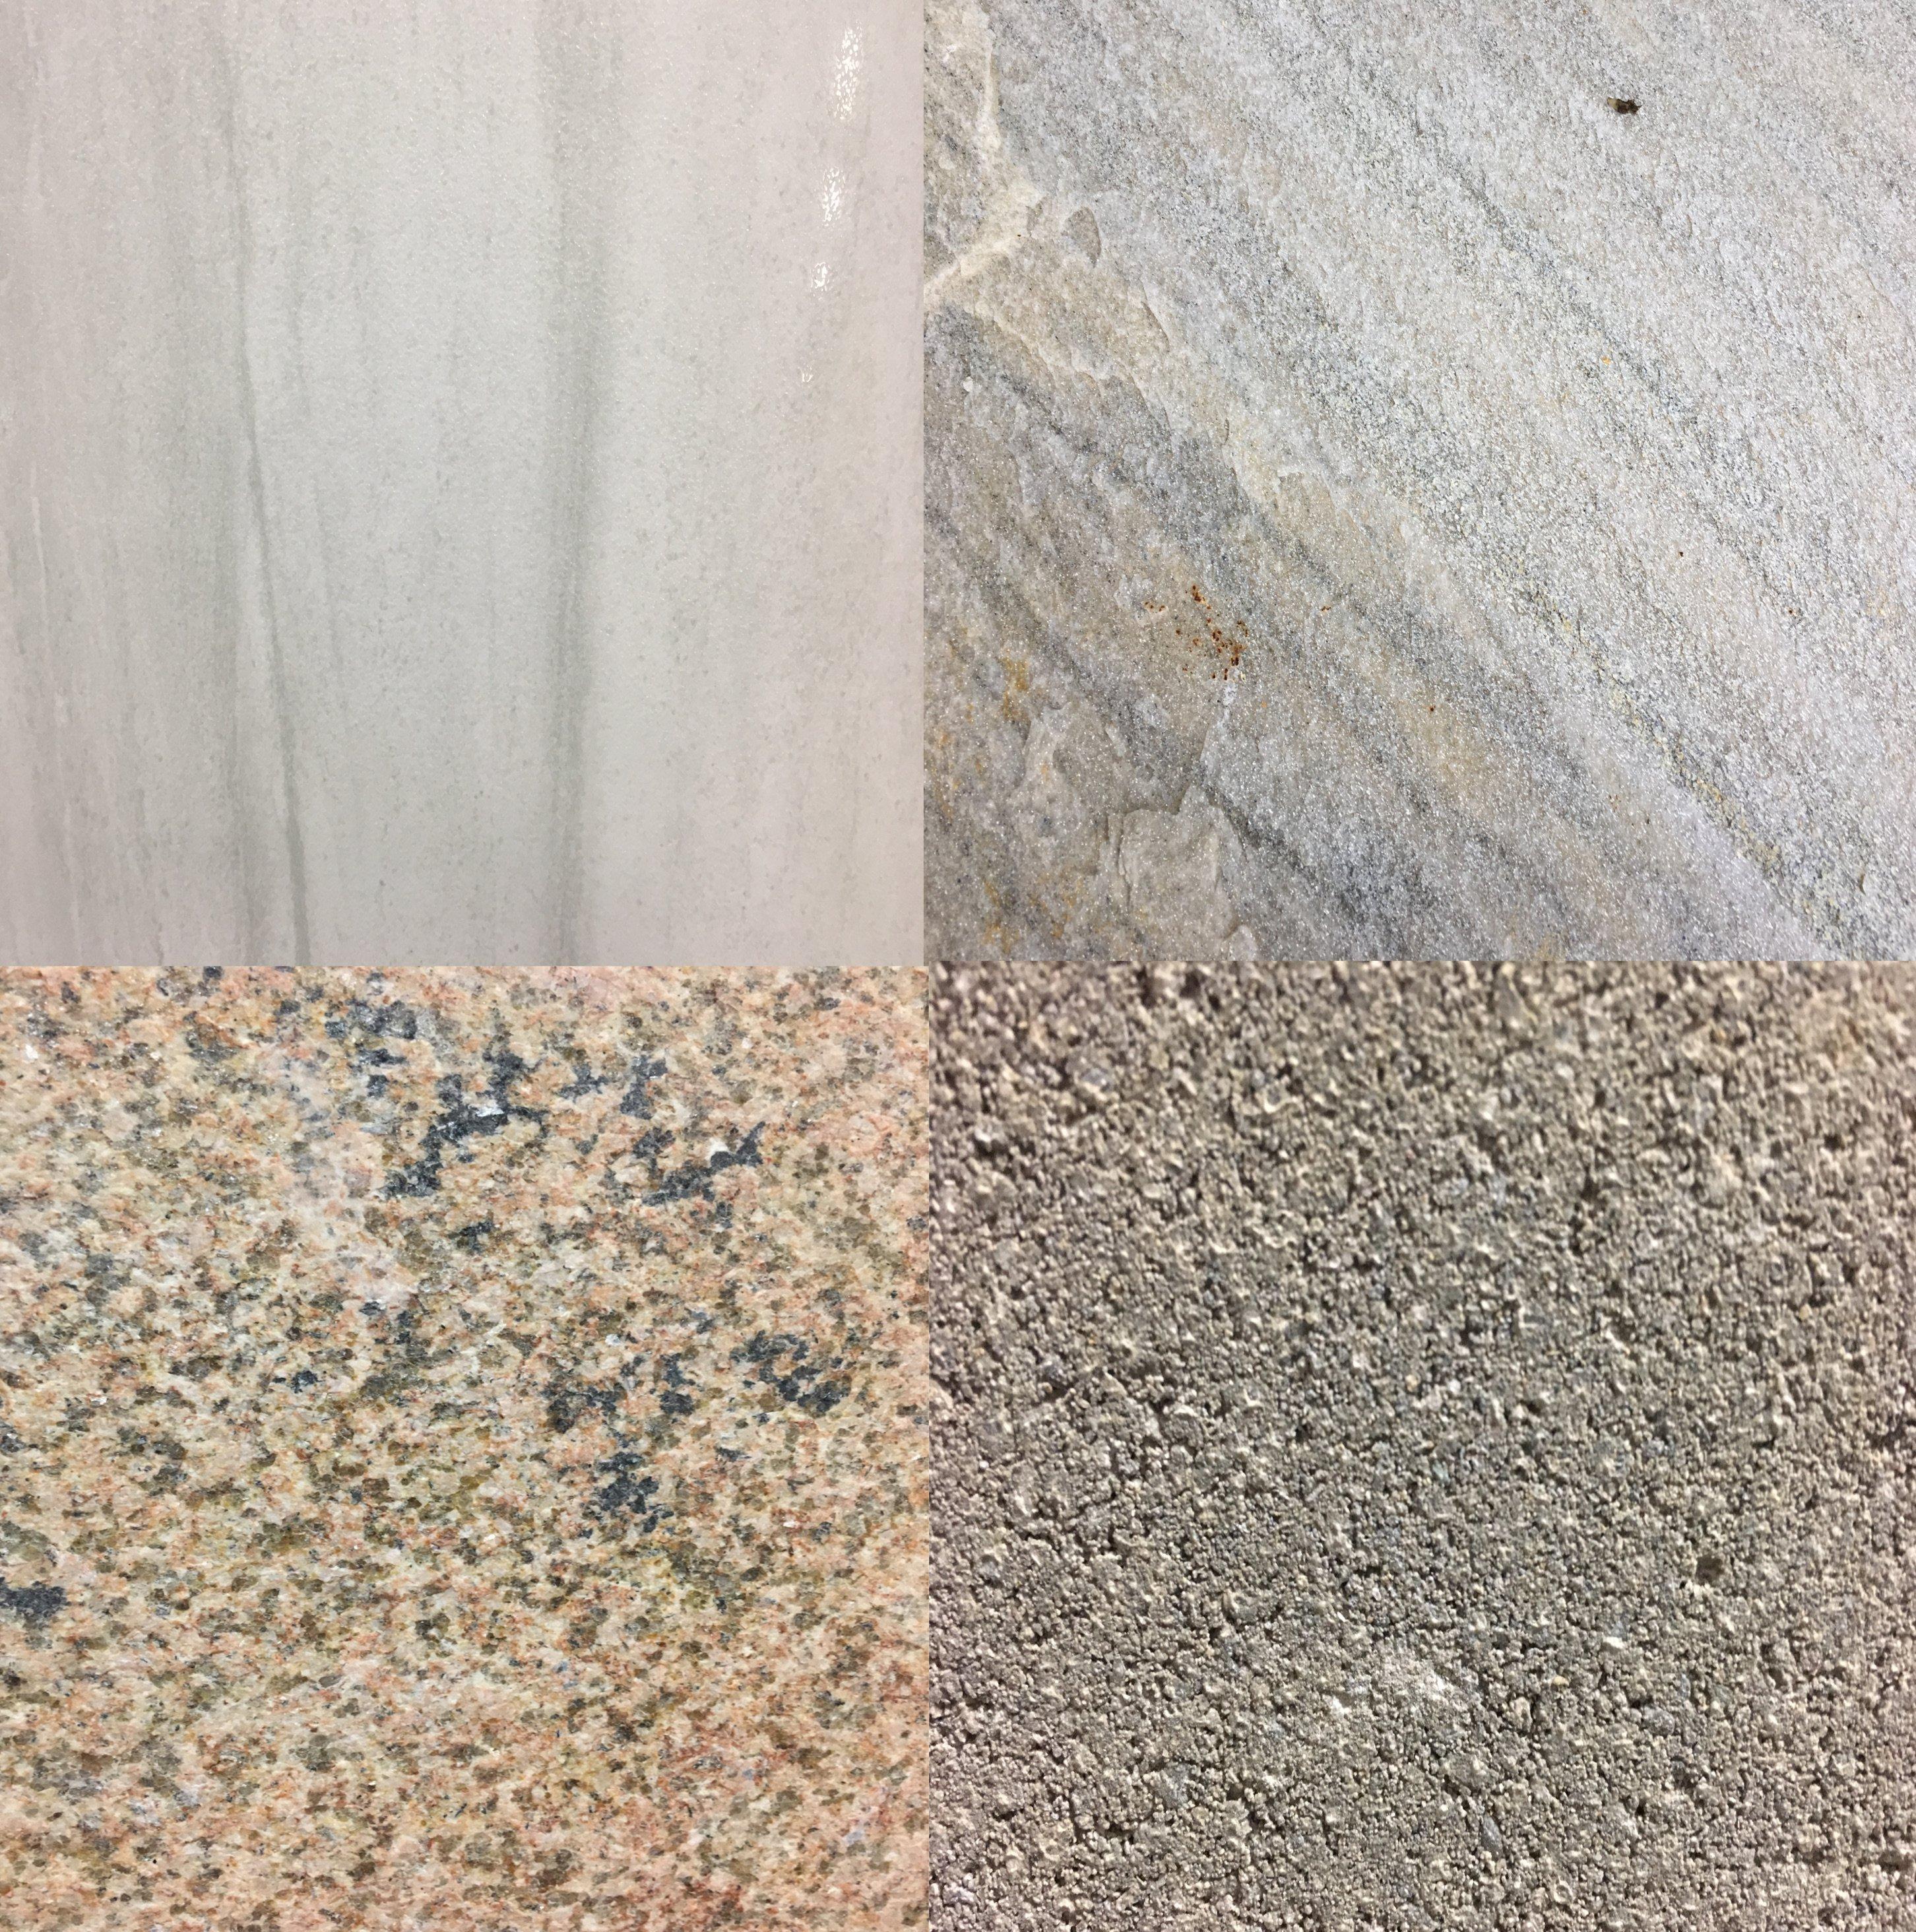 Sandstein Reinigen sandstein reinigen flecken schiefer sandstein sandstein und